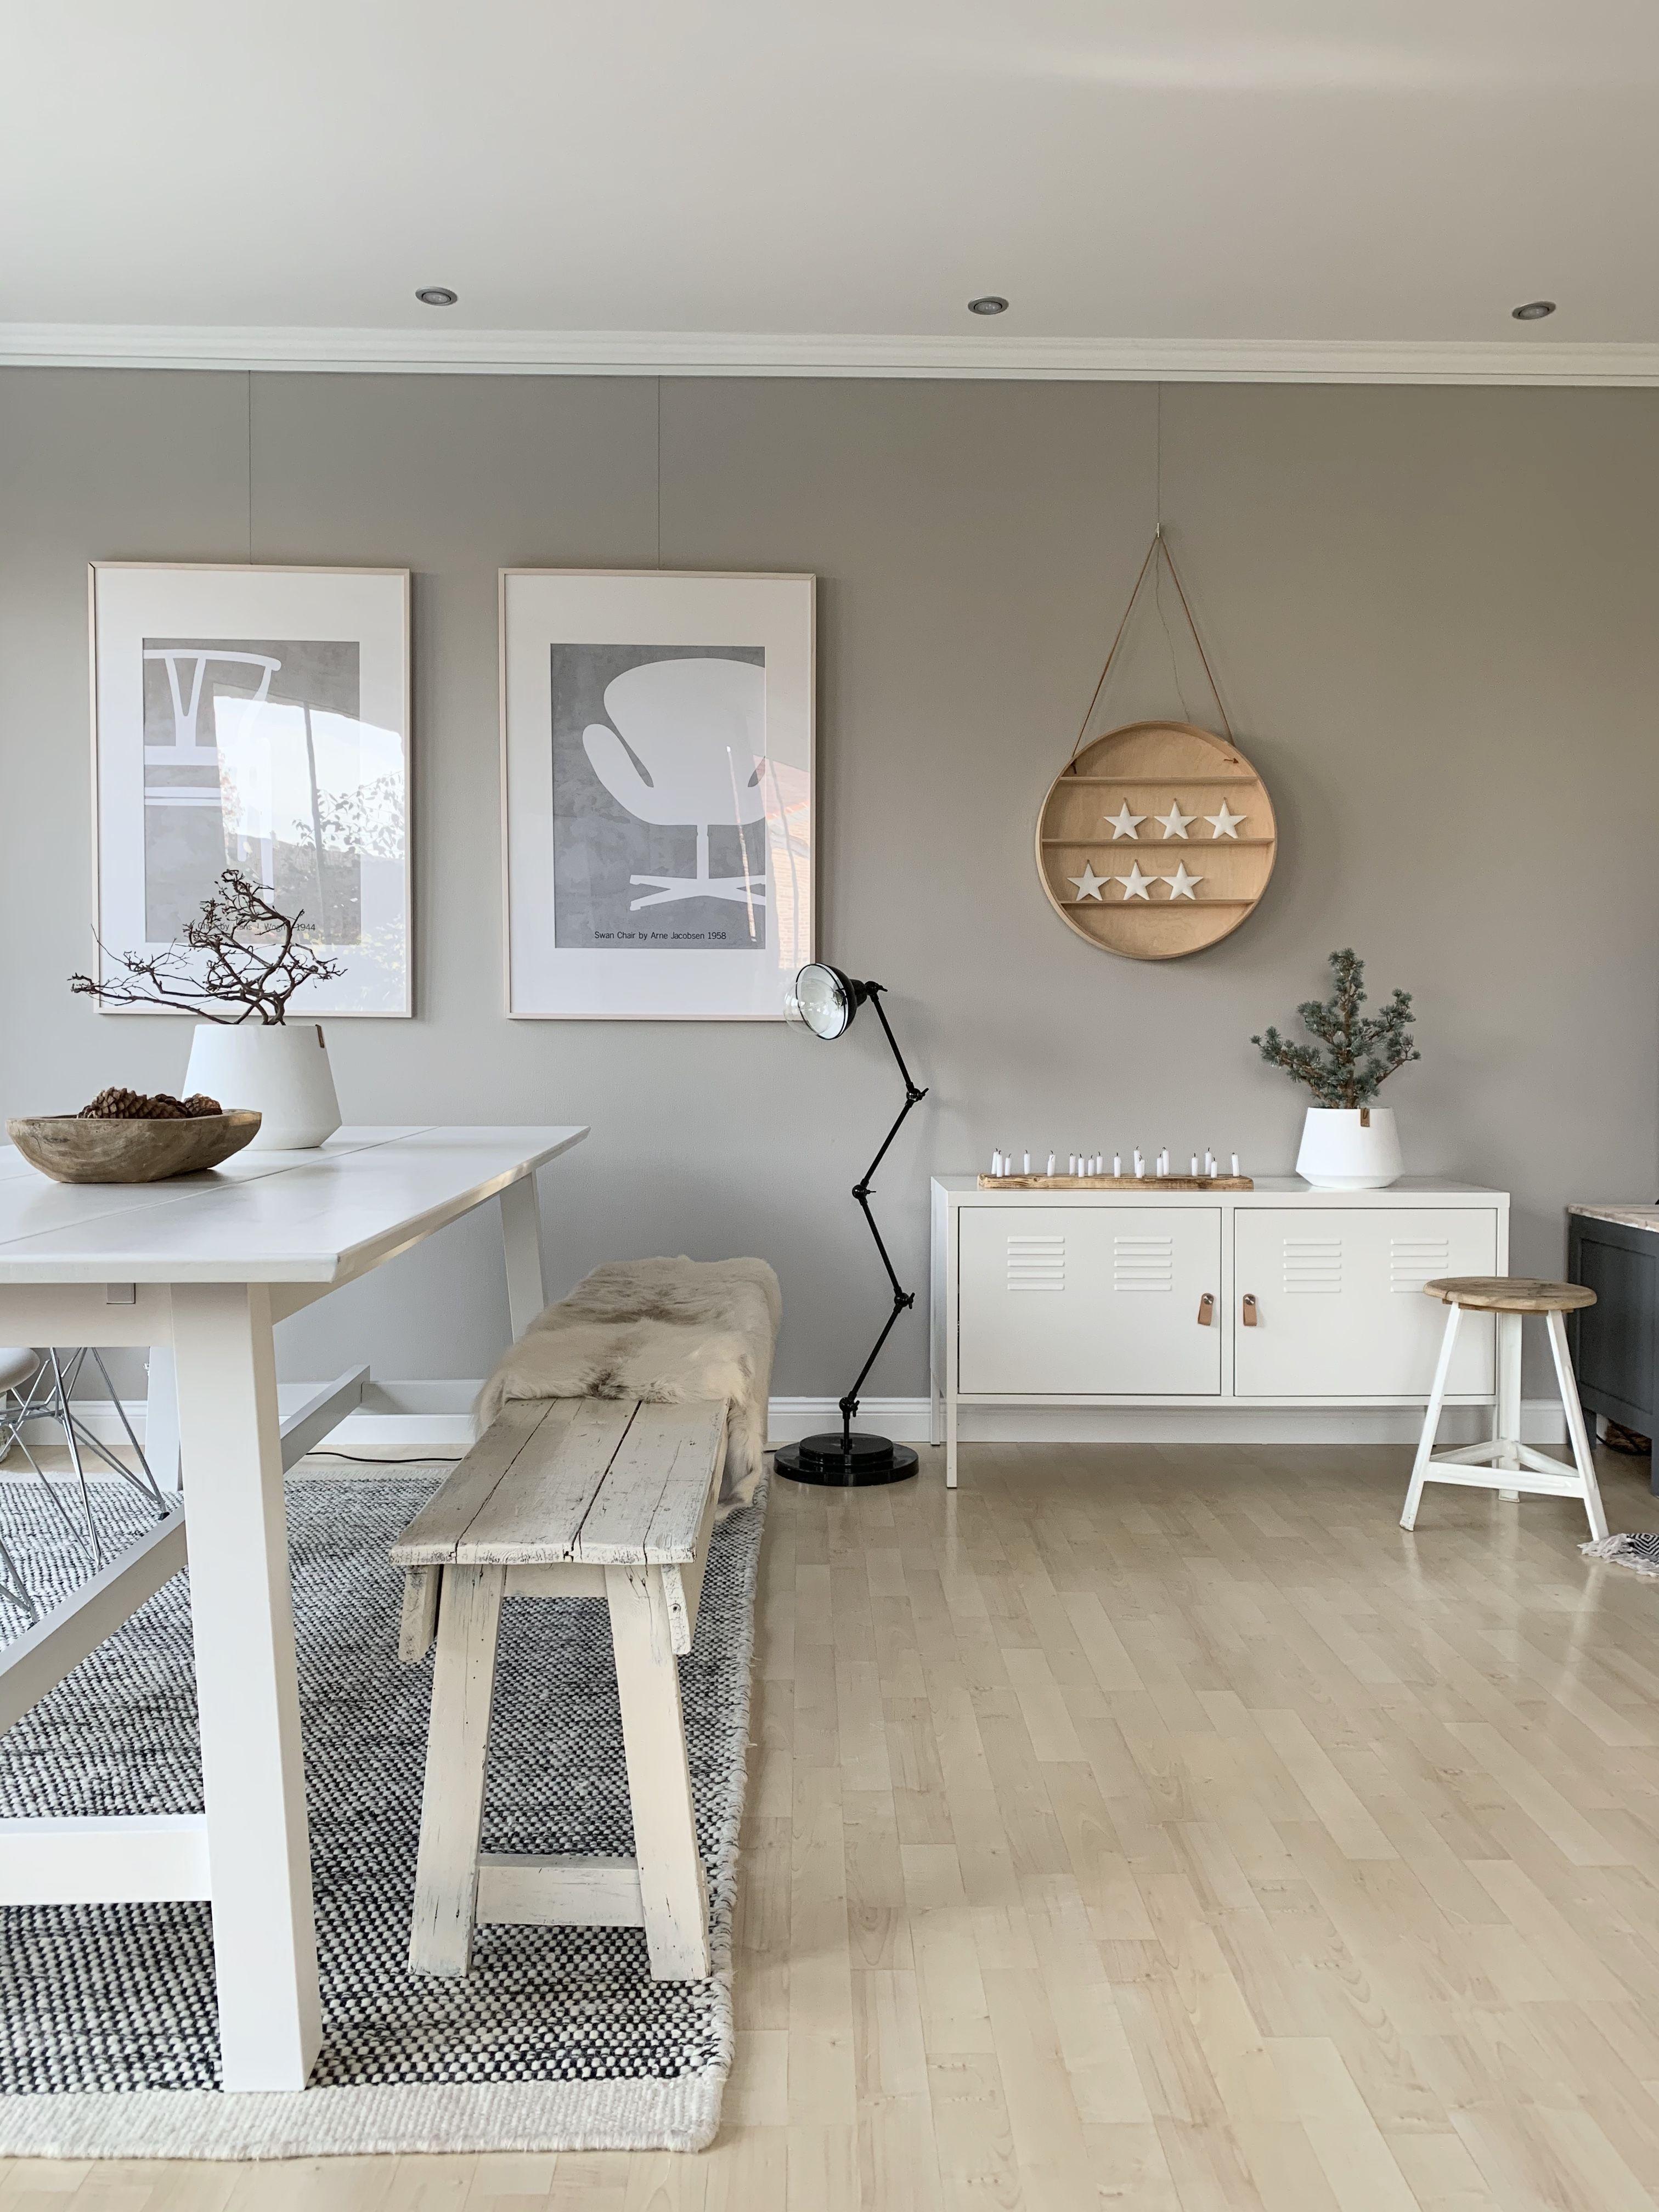 Wohn Und Esszimmer In Greige Kolorat In 2020 Wandfarbe Wohnzimmer Graue Wande Wohnzimmer Weisse Wande Wohnzimmer